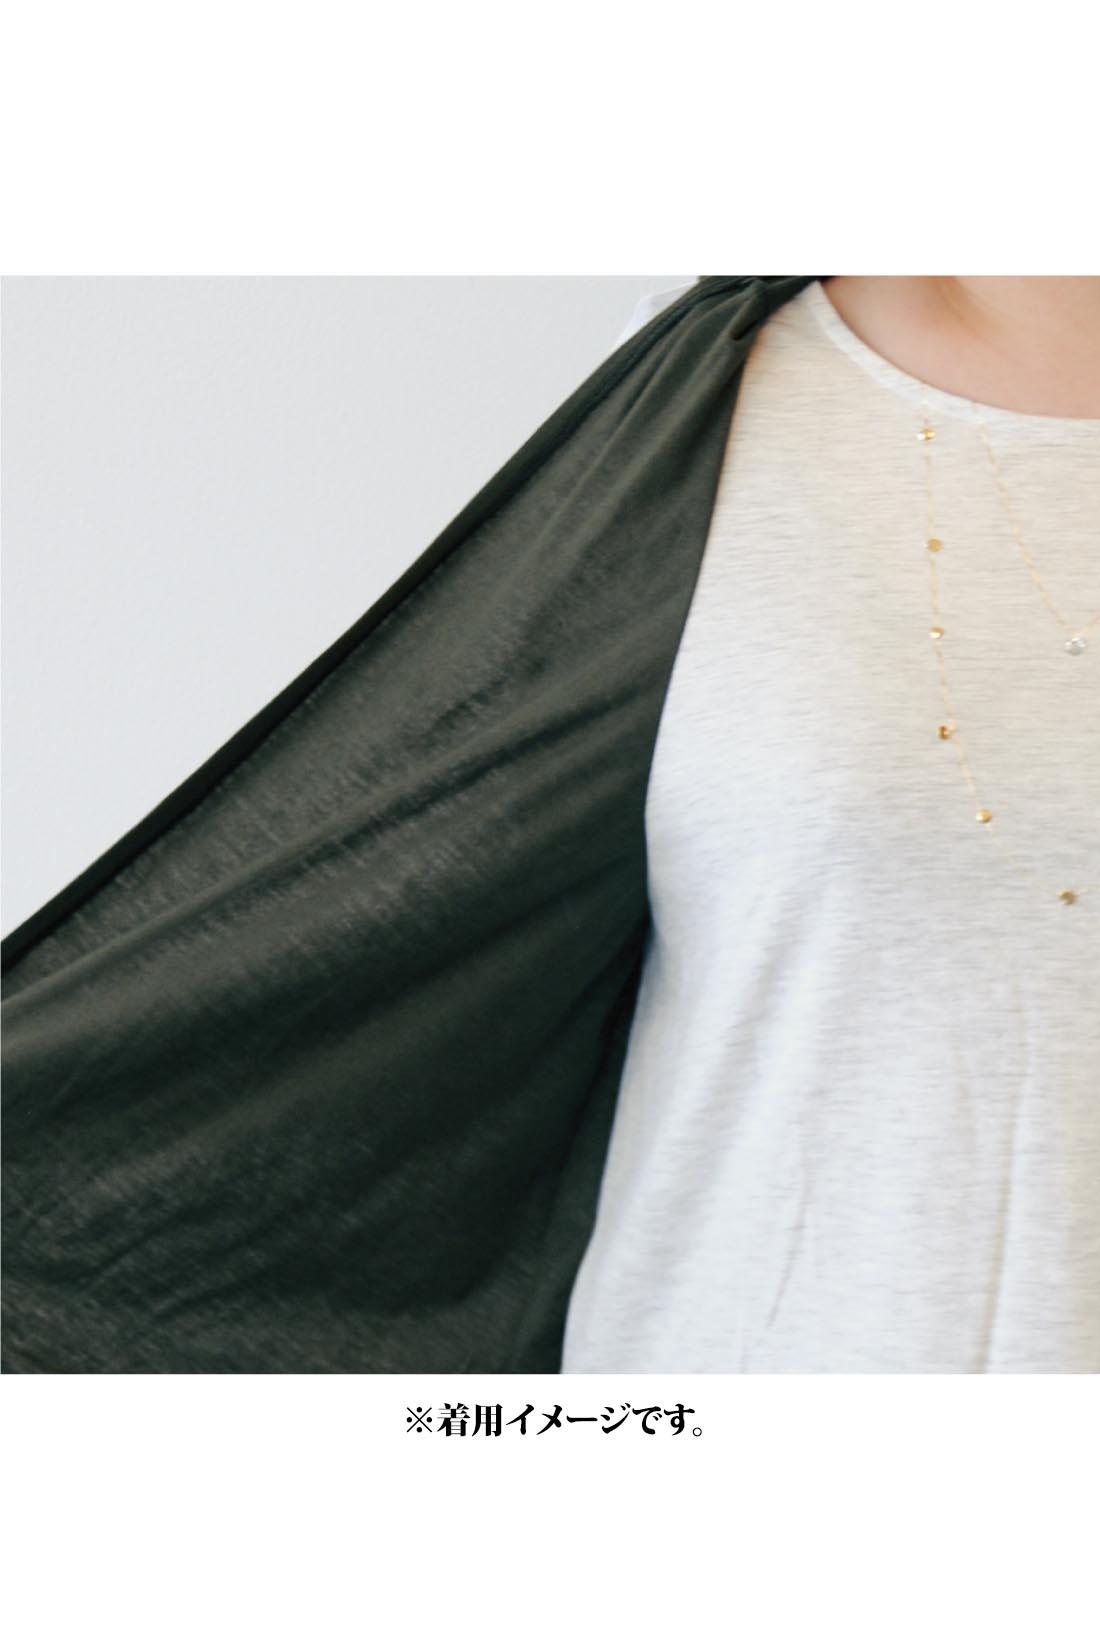 サイドでジレとTシャツがドッキングしているのに、自然な重なりで本当に重ね着しているような印象。